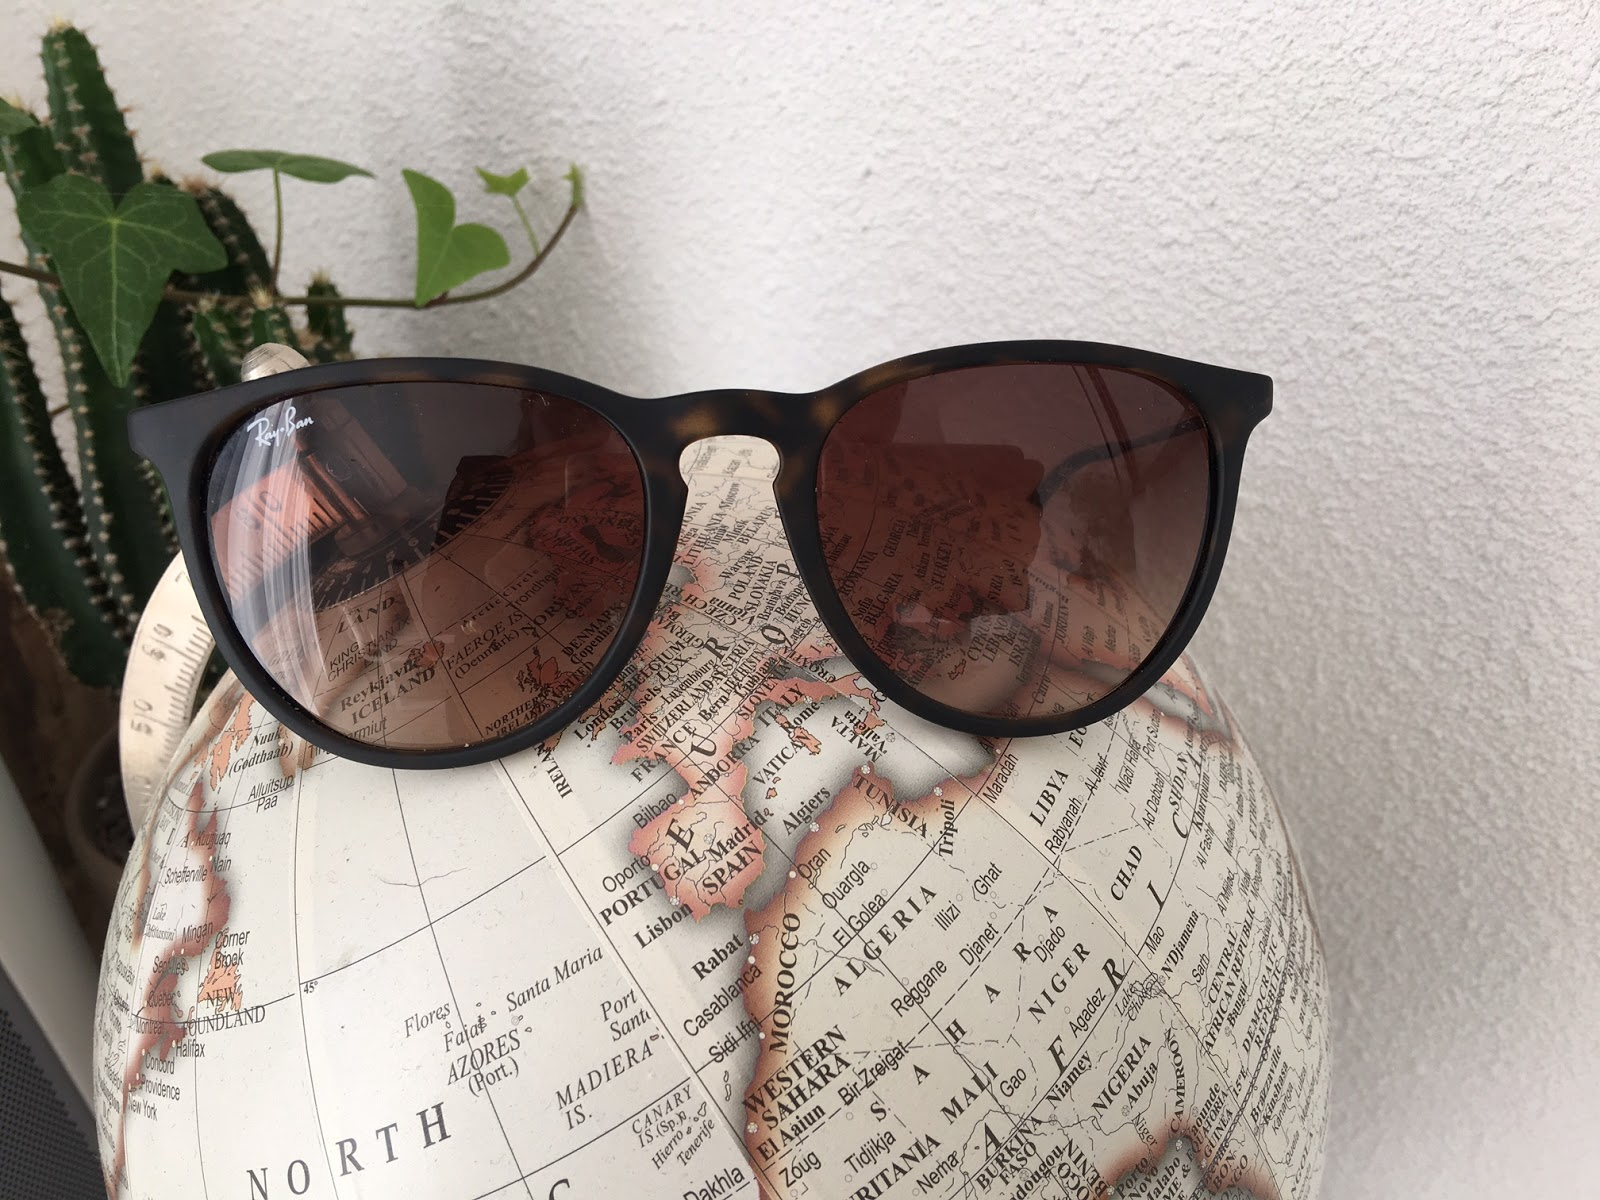 5e52667c624 Ben je nog op zoek naar een mooie zonnebril voor de zomer? Dan kan ik je  zeker de webshop van Brandfield aanraden!